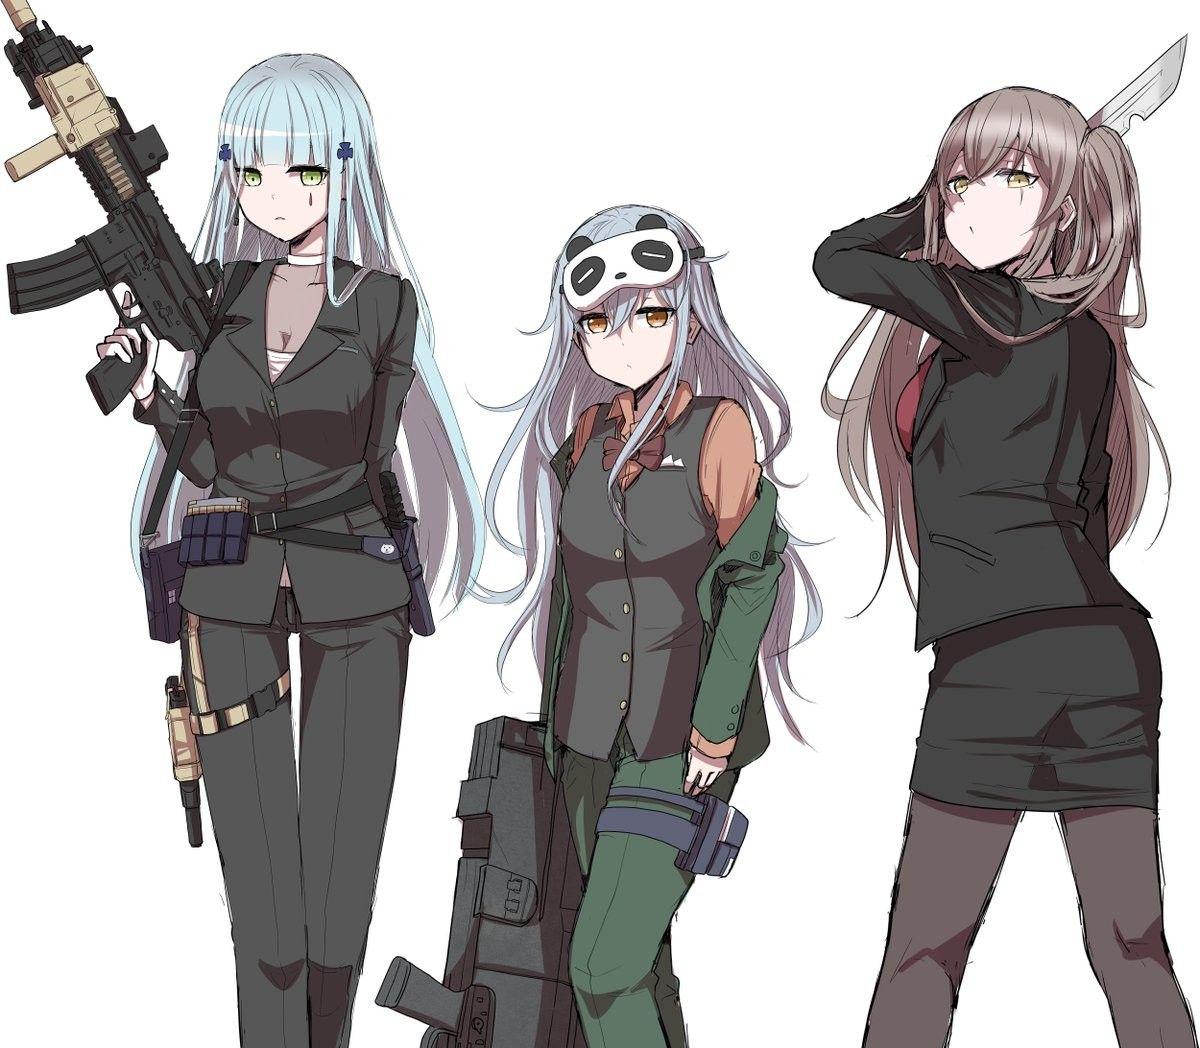 Pin by Shazama Zul on Anime GFL's